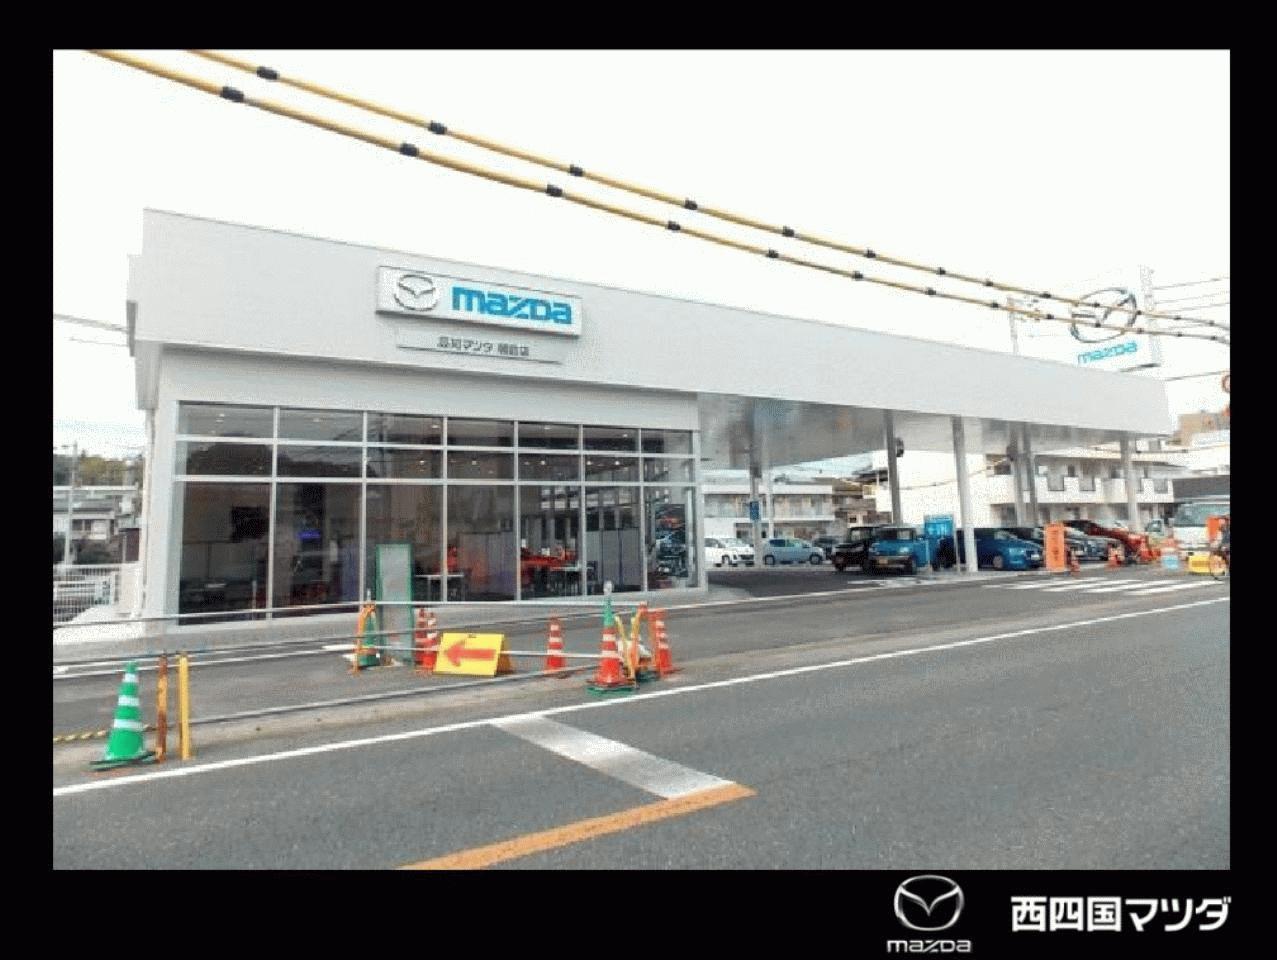 (株)西四国マツダ 朝倉店